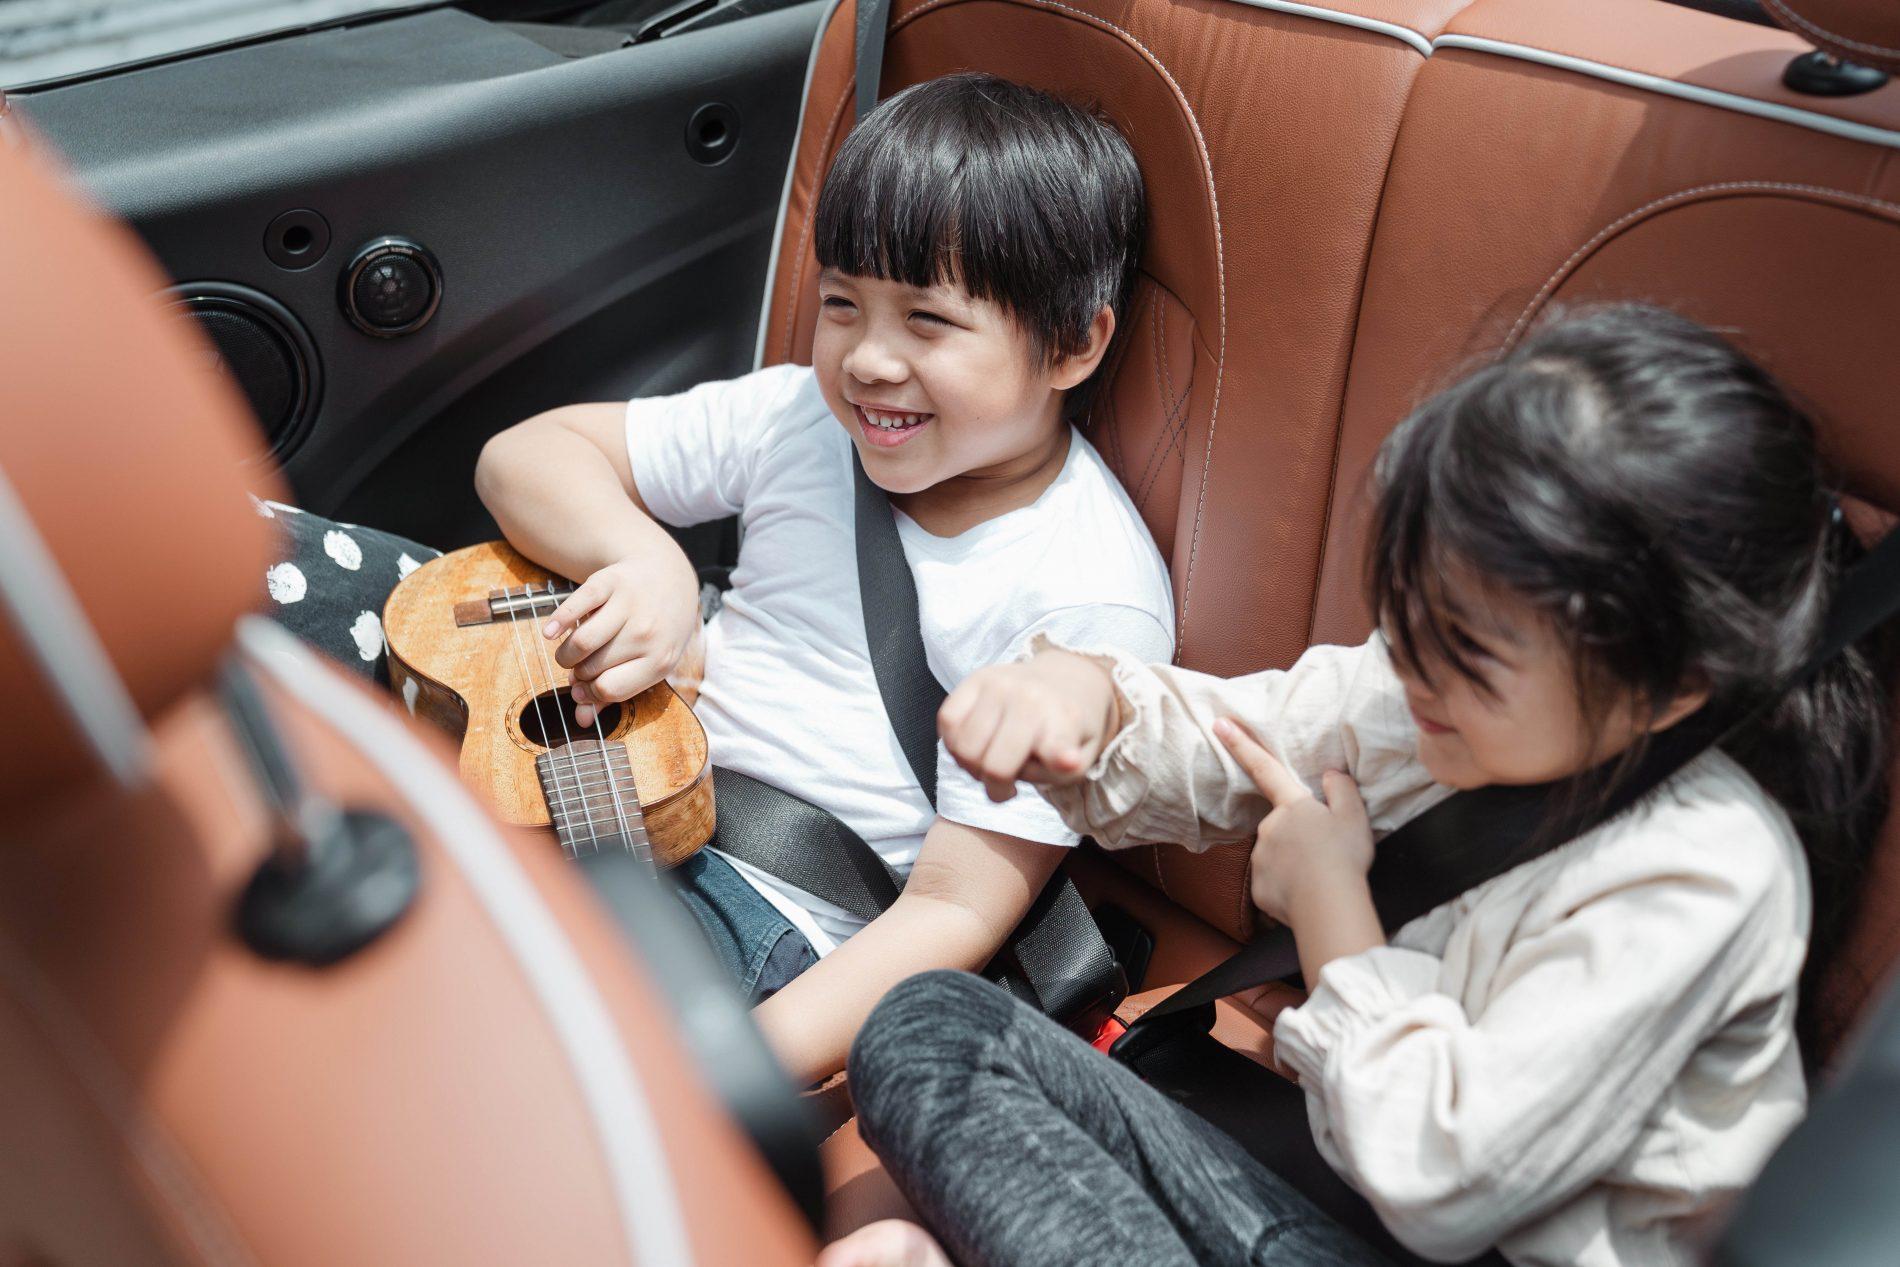 Deux enfants en train de jouer sur la banquette arrière d'une voiture, sur la route des vacances